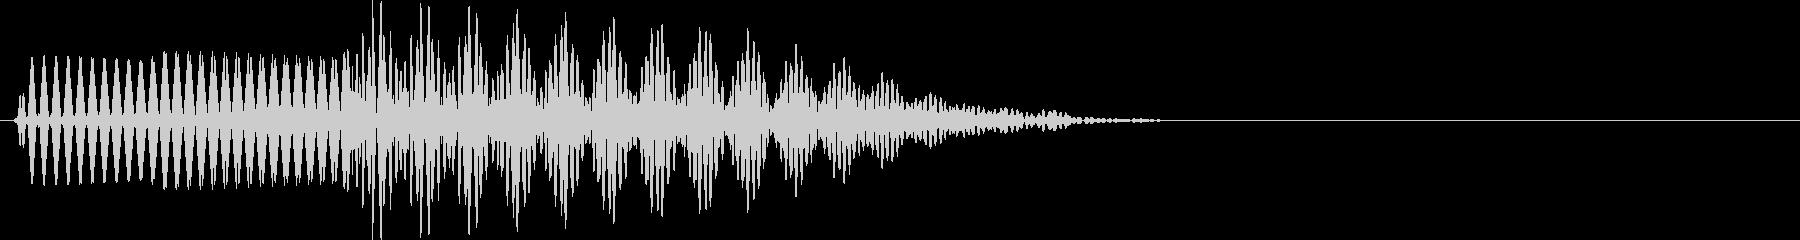 ピコッ(アラート音・告知音・ふきだし)の未再生の波形